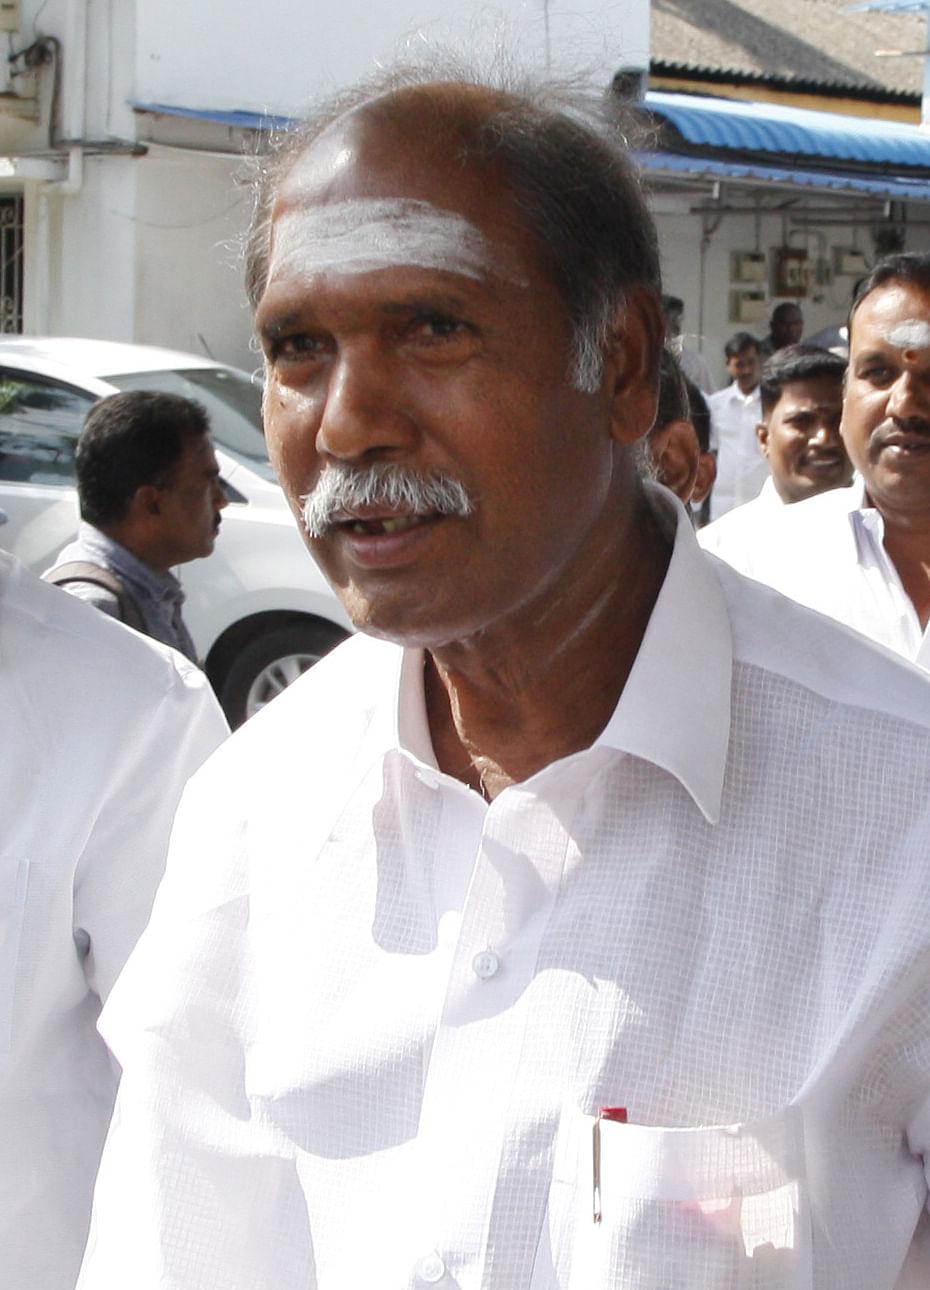 முன்னாள் முதல்வர் ரங்கசாமி